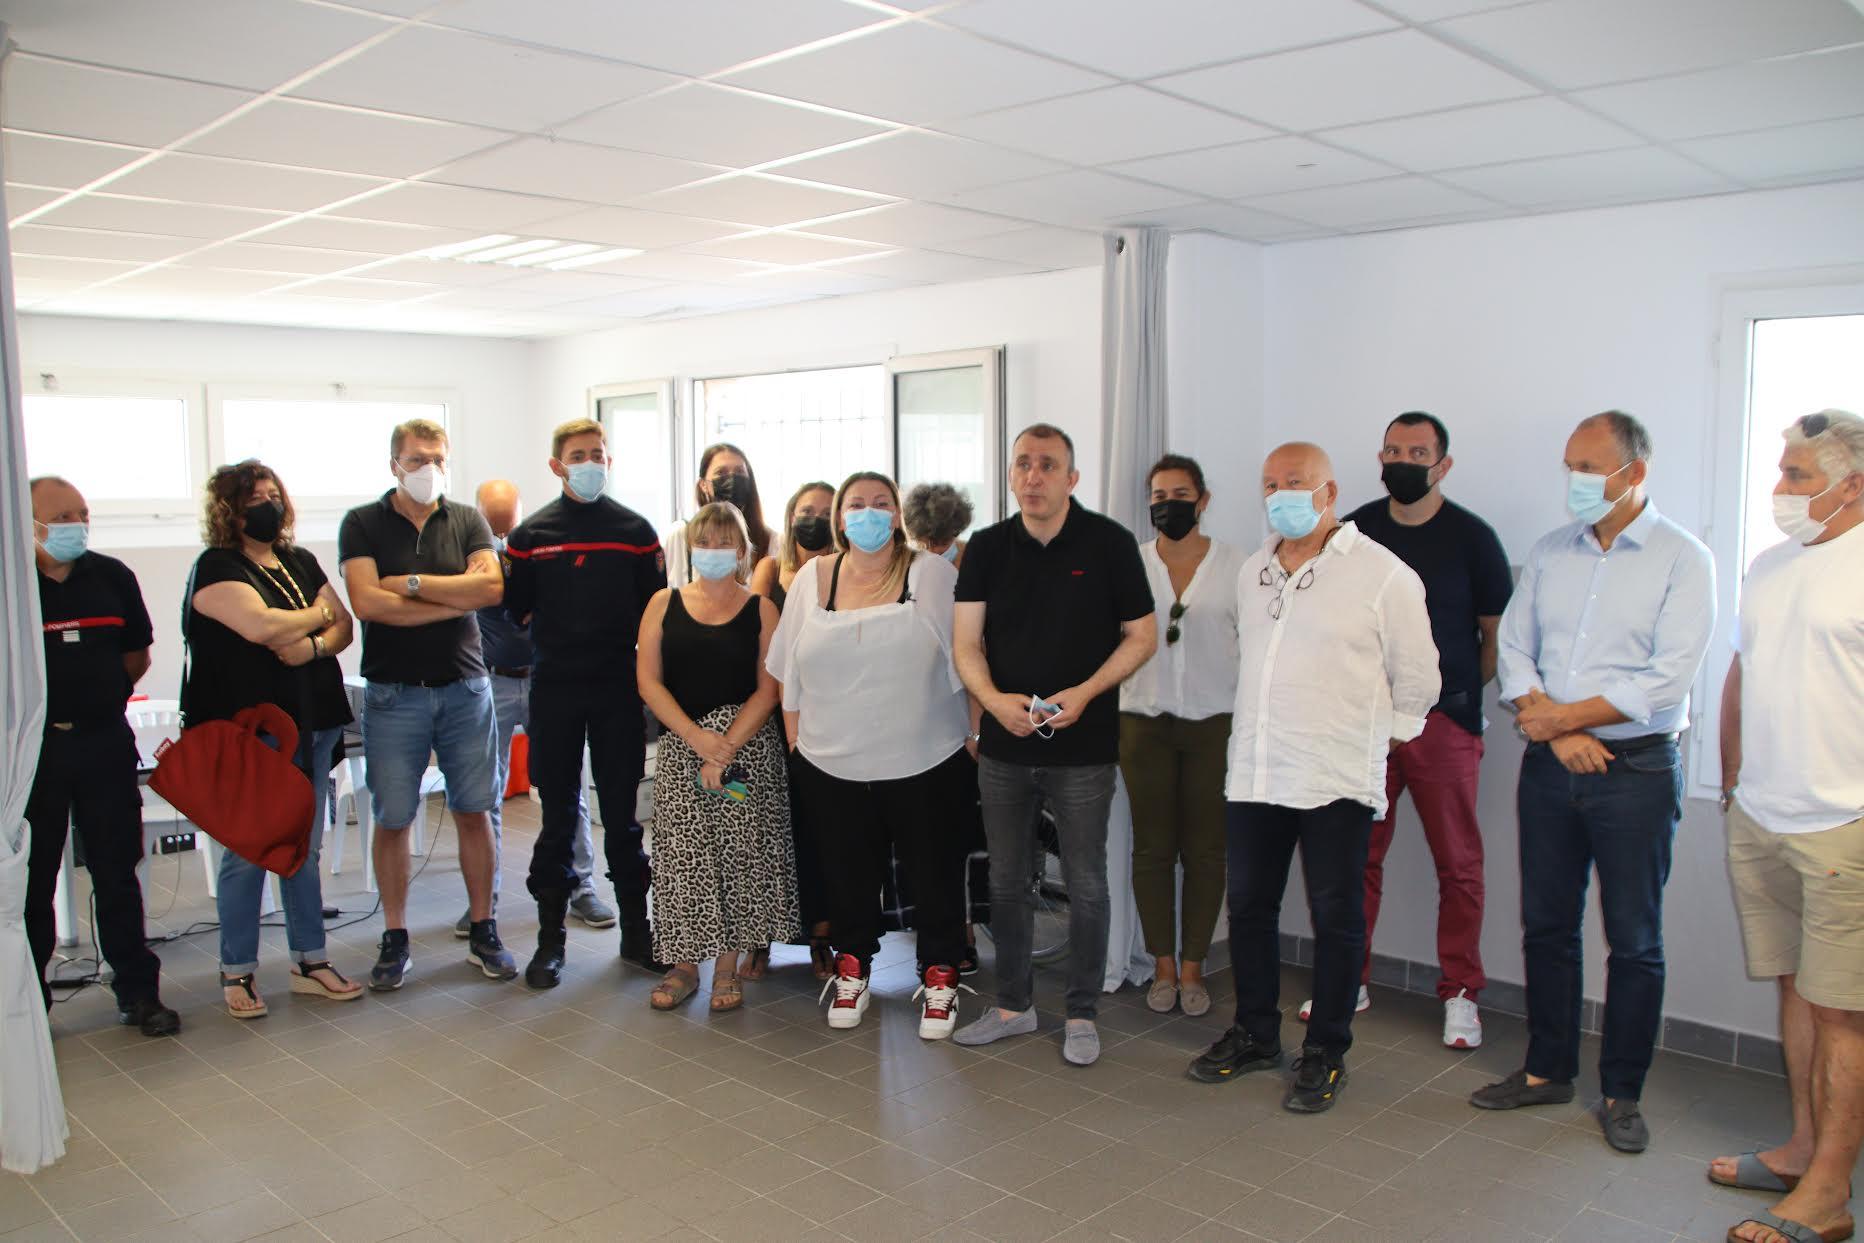 """2 000 personnes invitées à se faire vacciner à Portivechju : pour Jean-Christophe Angelini """"l'essentiel reste à faire"""""""